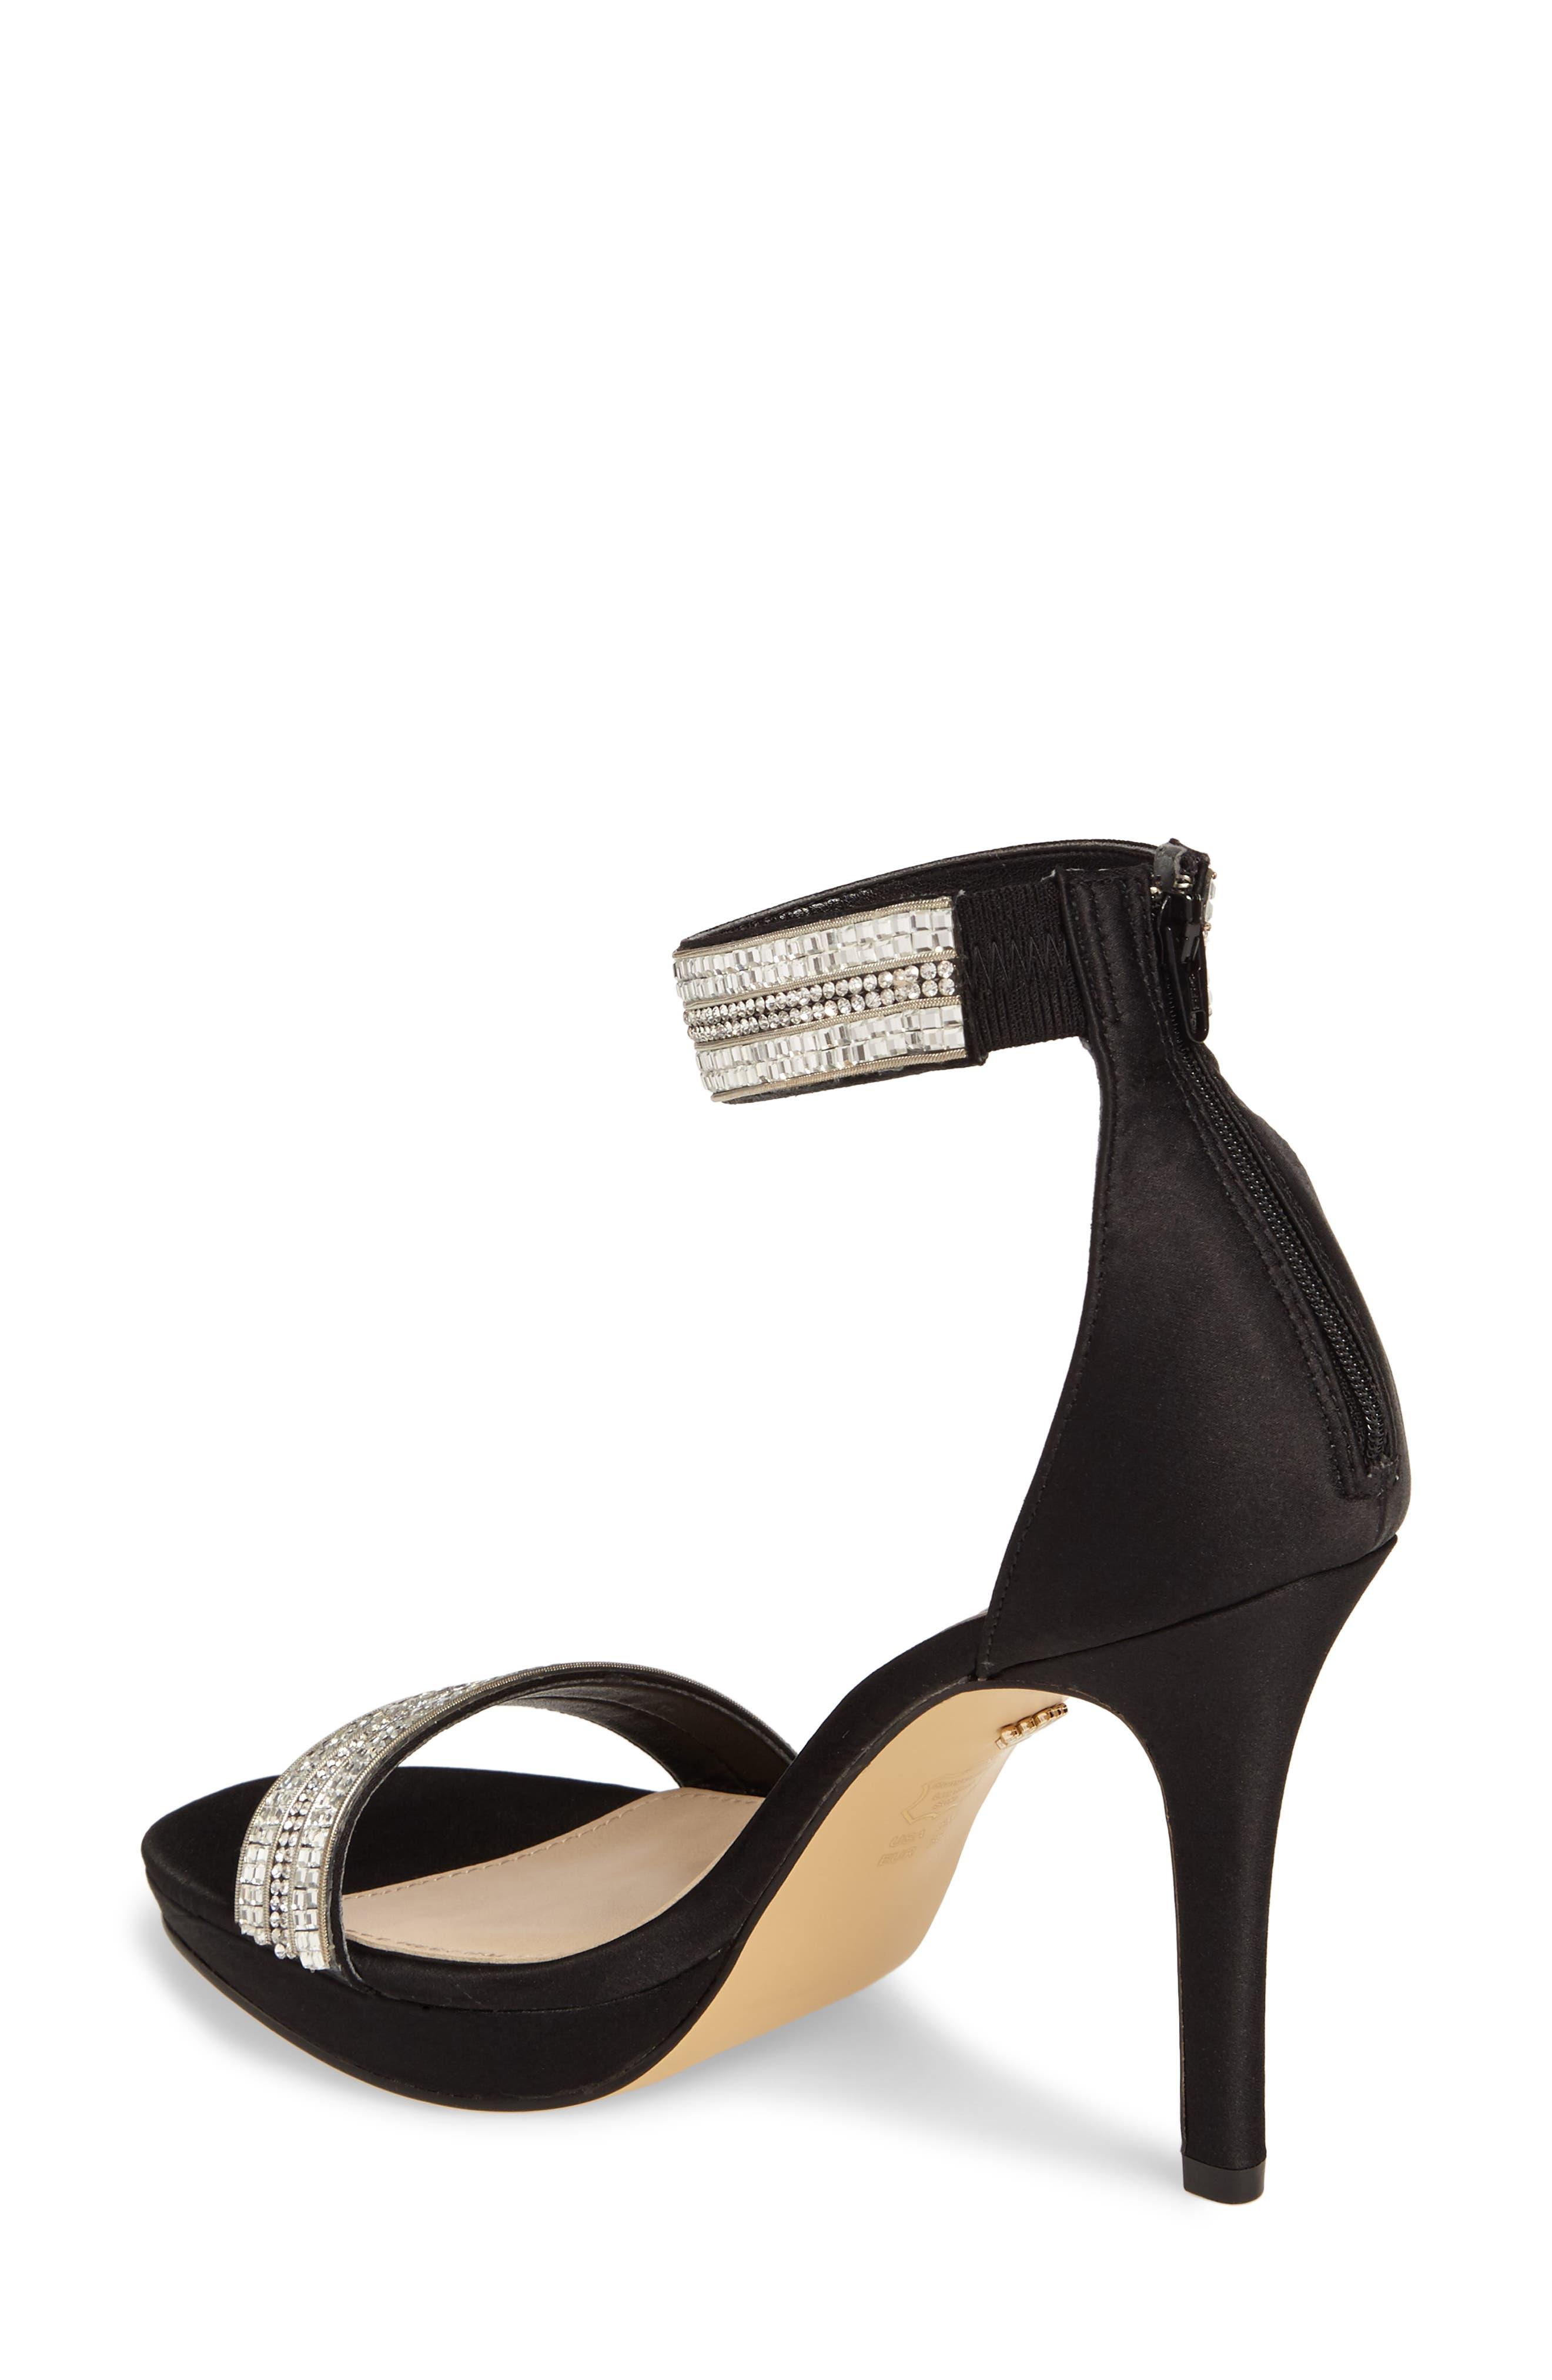 Aubrie Ankle Strap Sandal,                             Alternate thumbnail 2, color,                             Black Satin